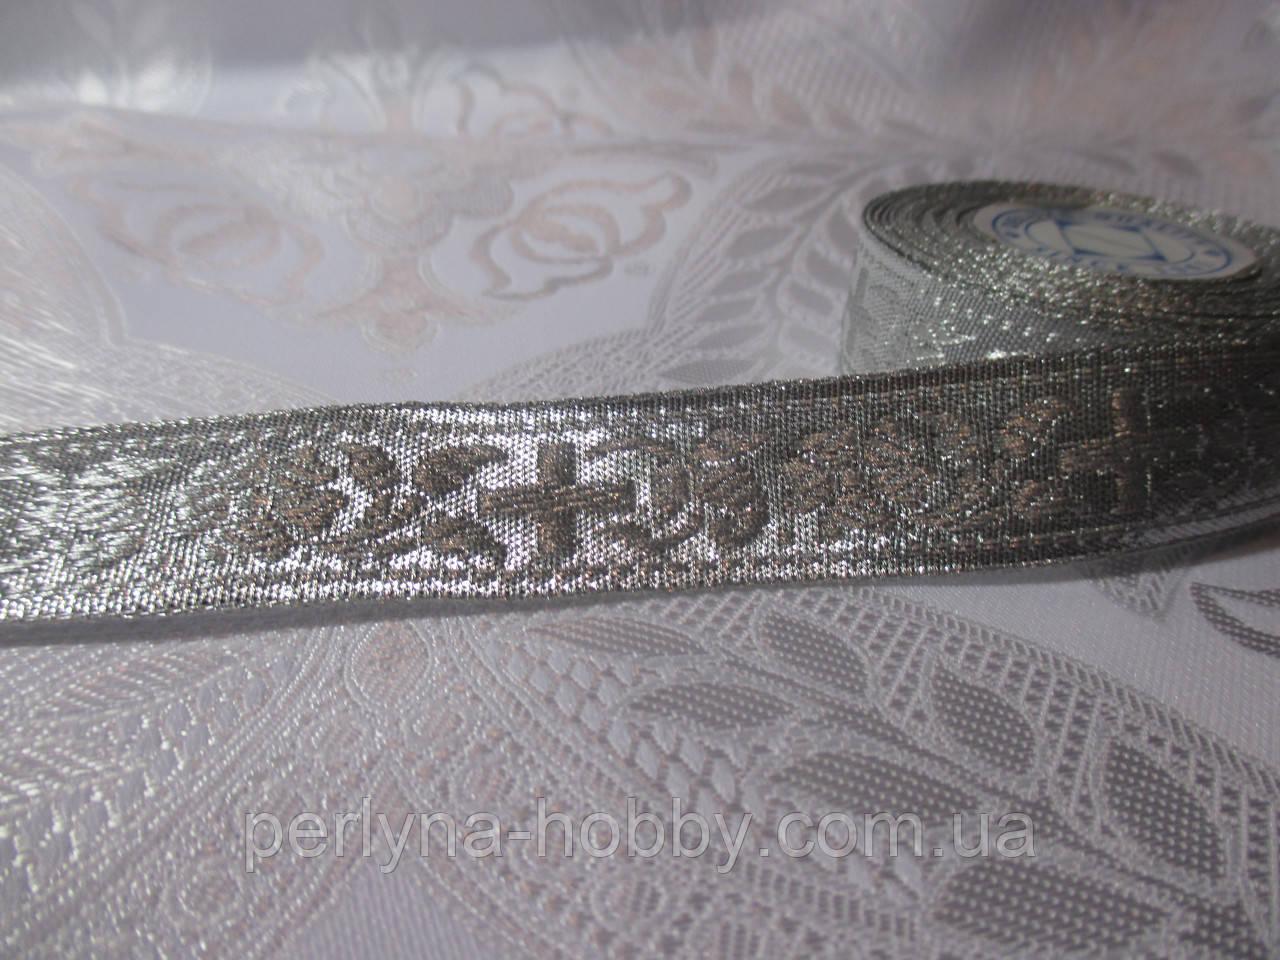 Тасьма церковна галун церковний, тасьма люрекс срібло 2.2 см Тасьма срібло